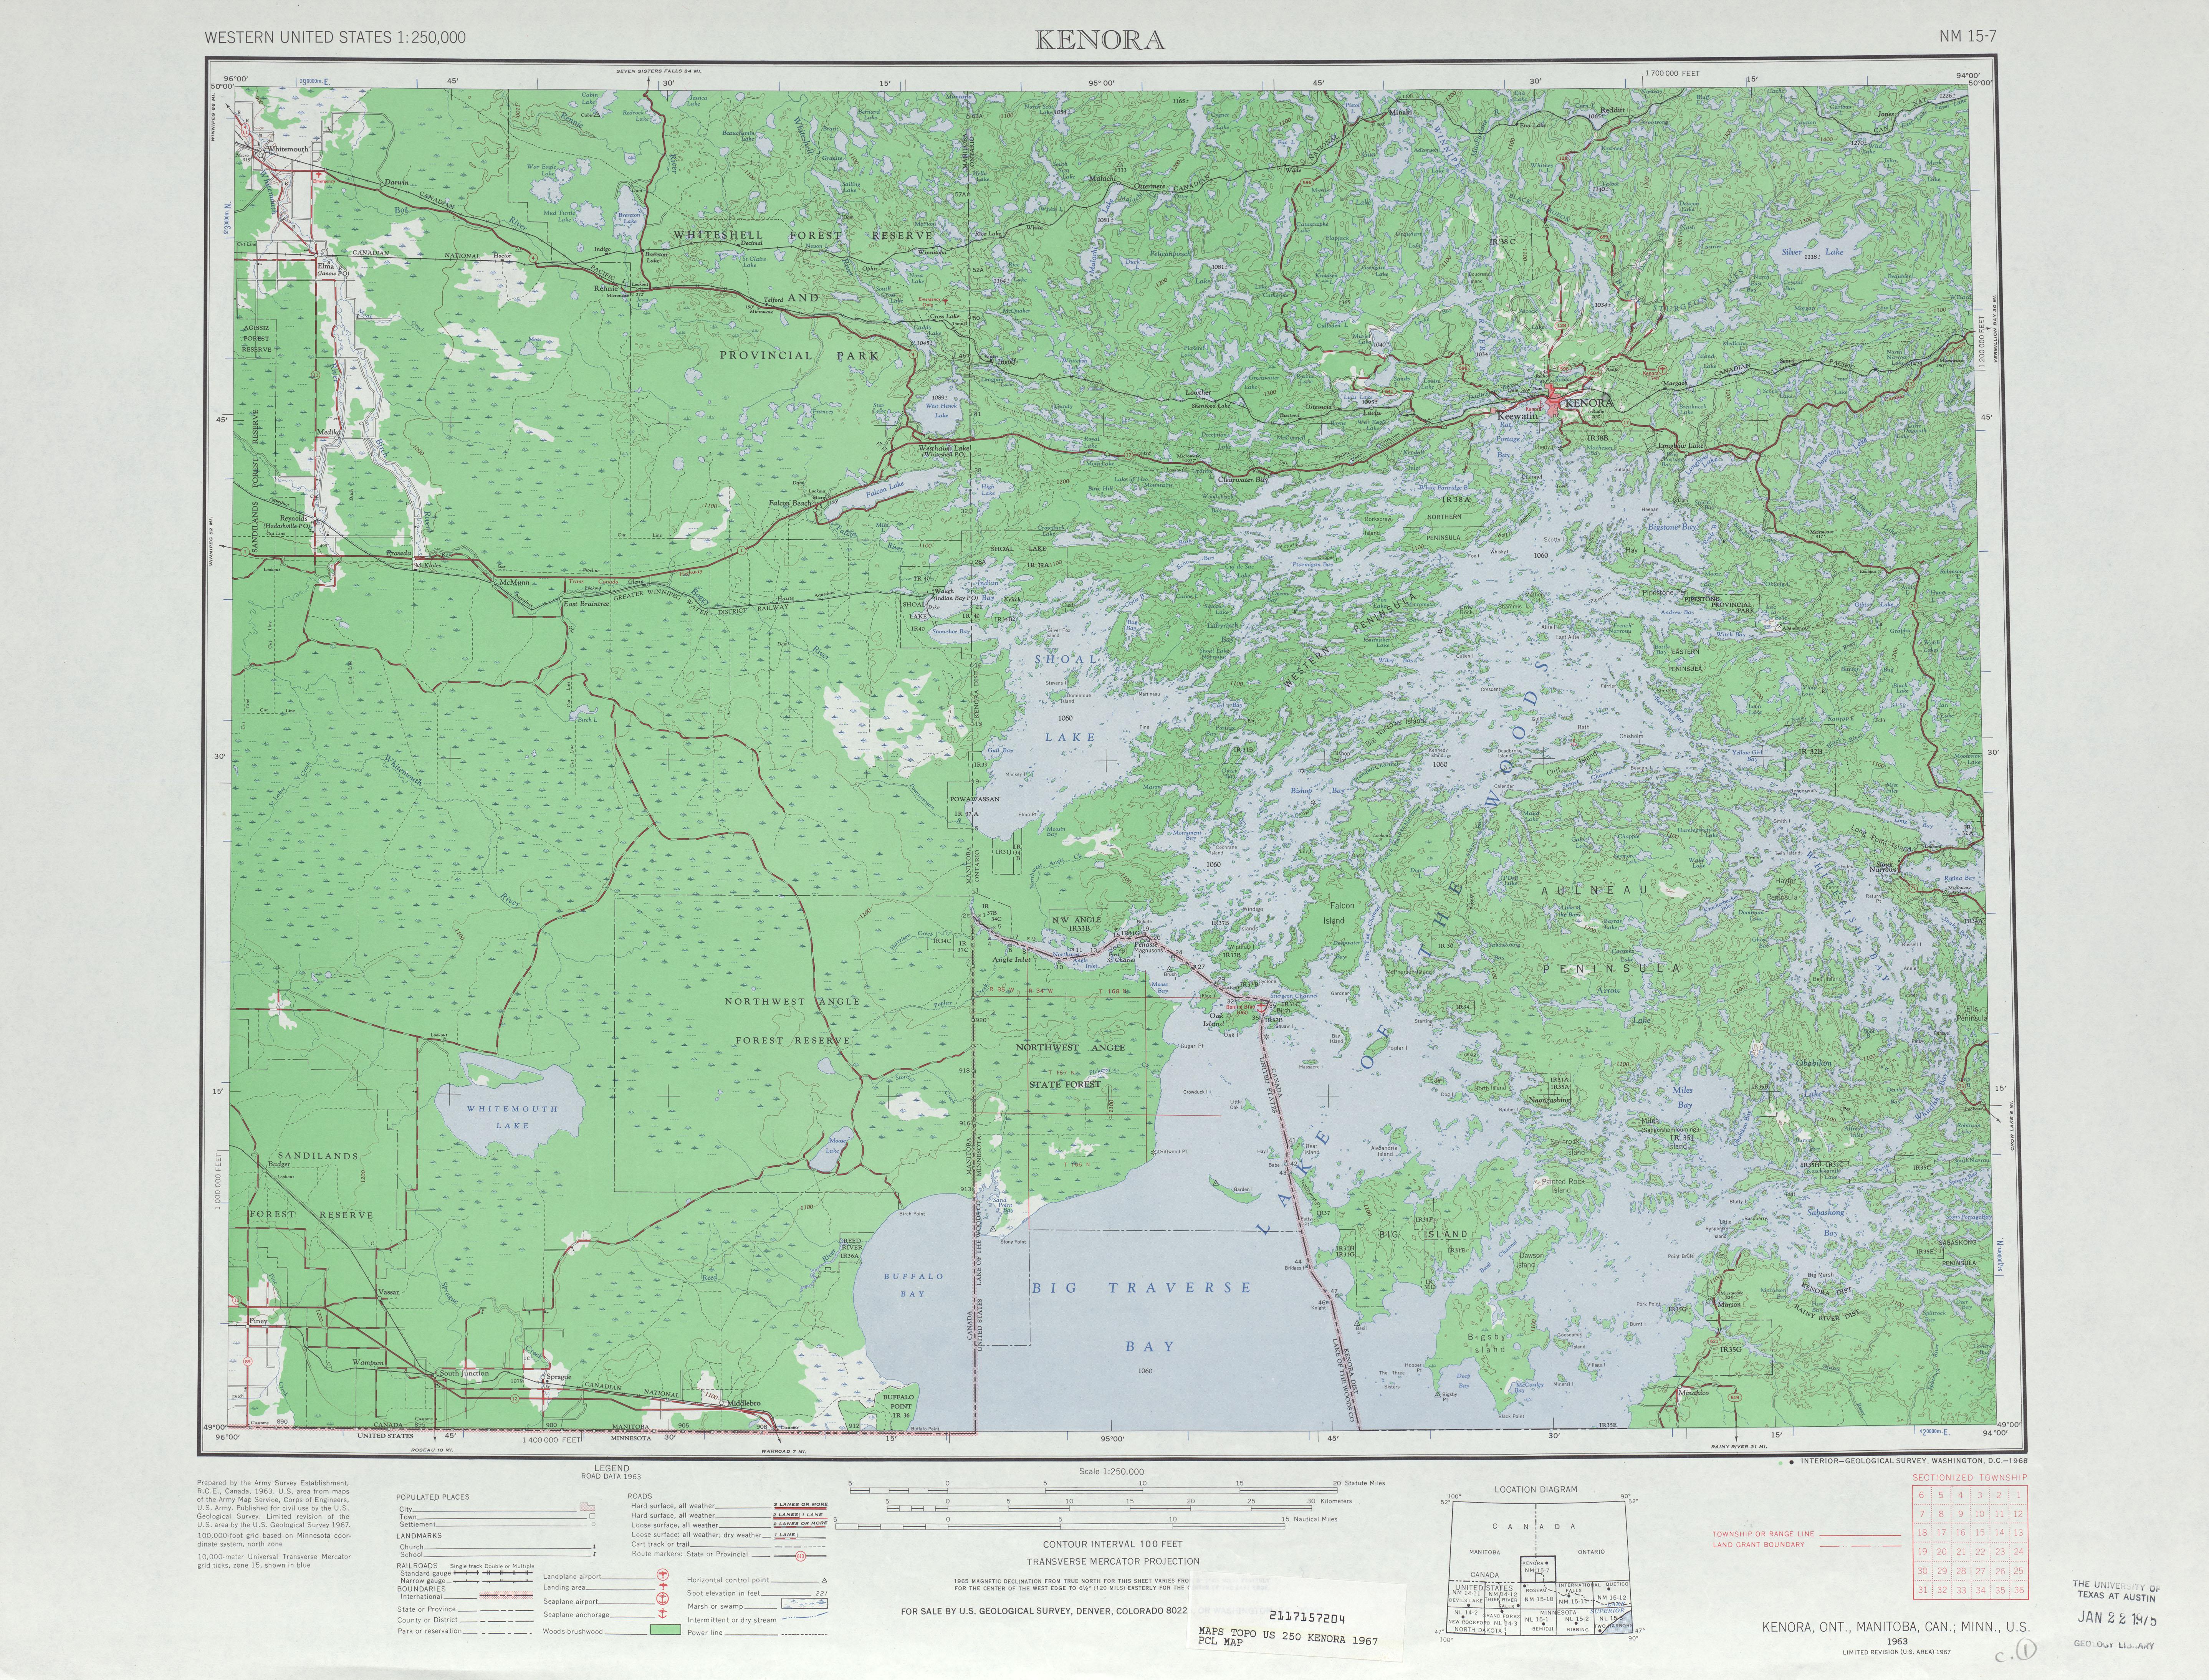 Hoja Kenora del Mapa Topográfico de los Estados Unidos 1967